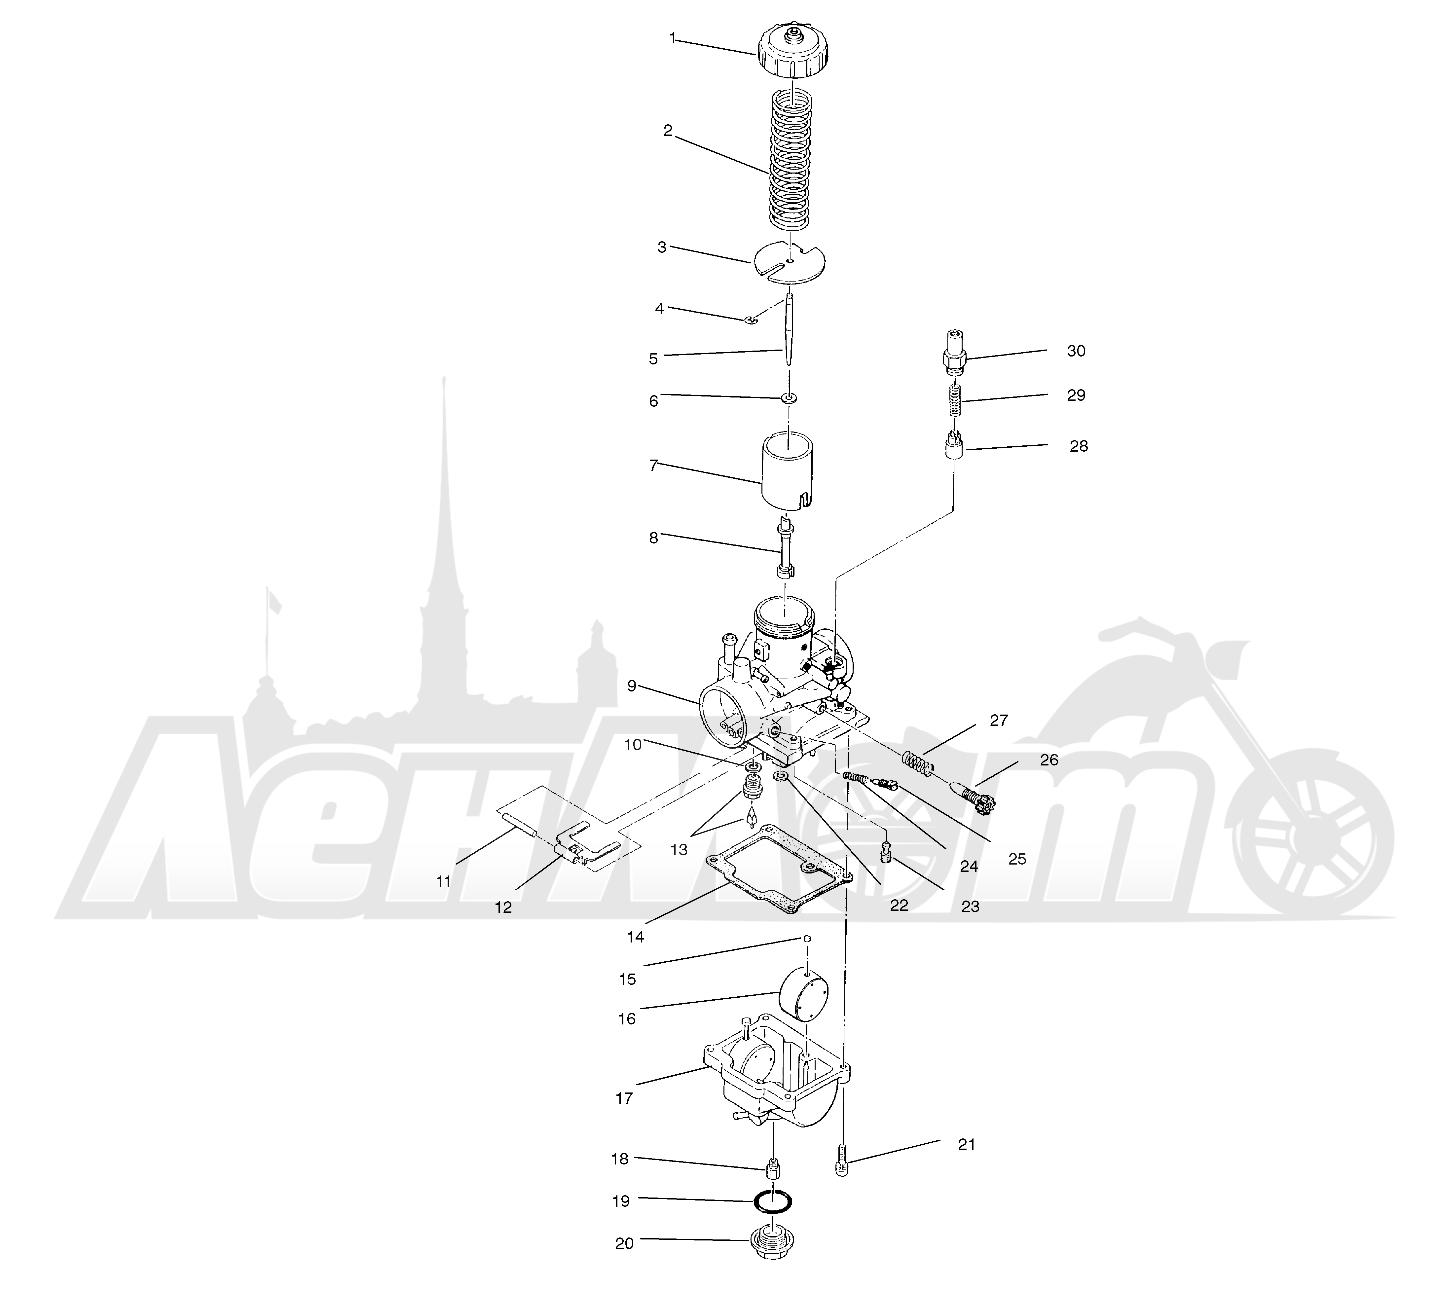 Запчасти для Квадроцикла Polaris 1996 TRAIL BLAZER ES - W967827 Раздел: CARBURETOR (BLAZER) - W967827 | карбюратор (BLAZER) W967827